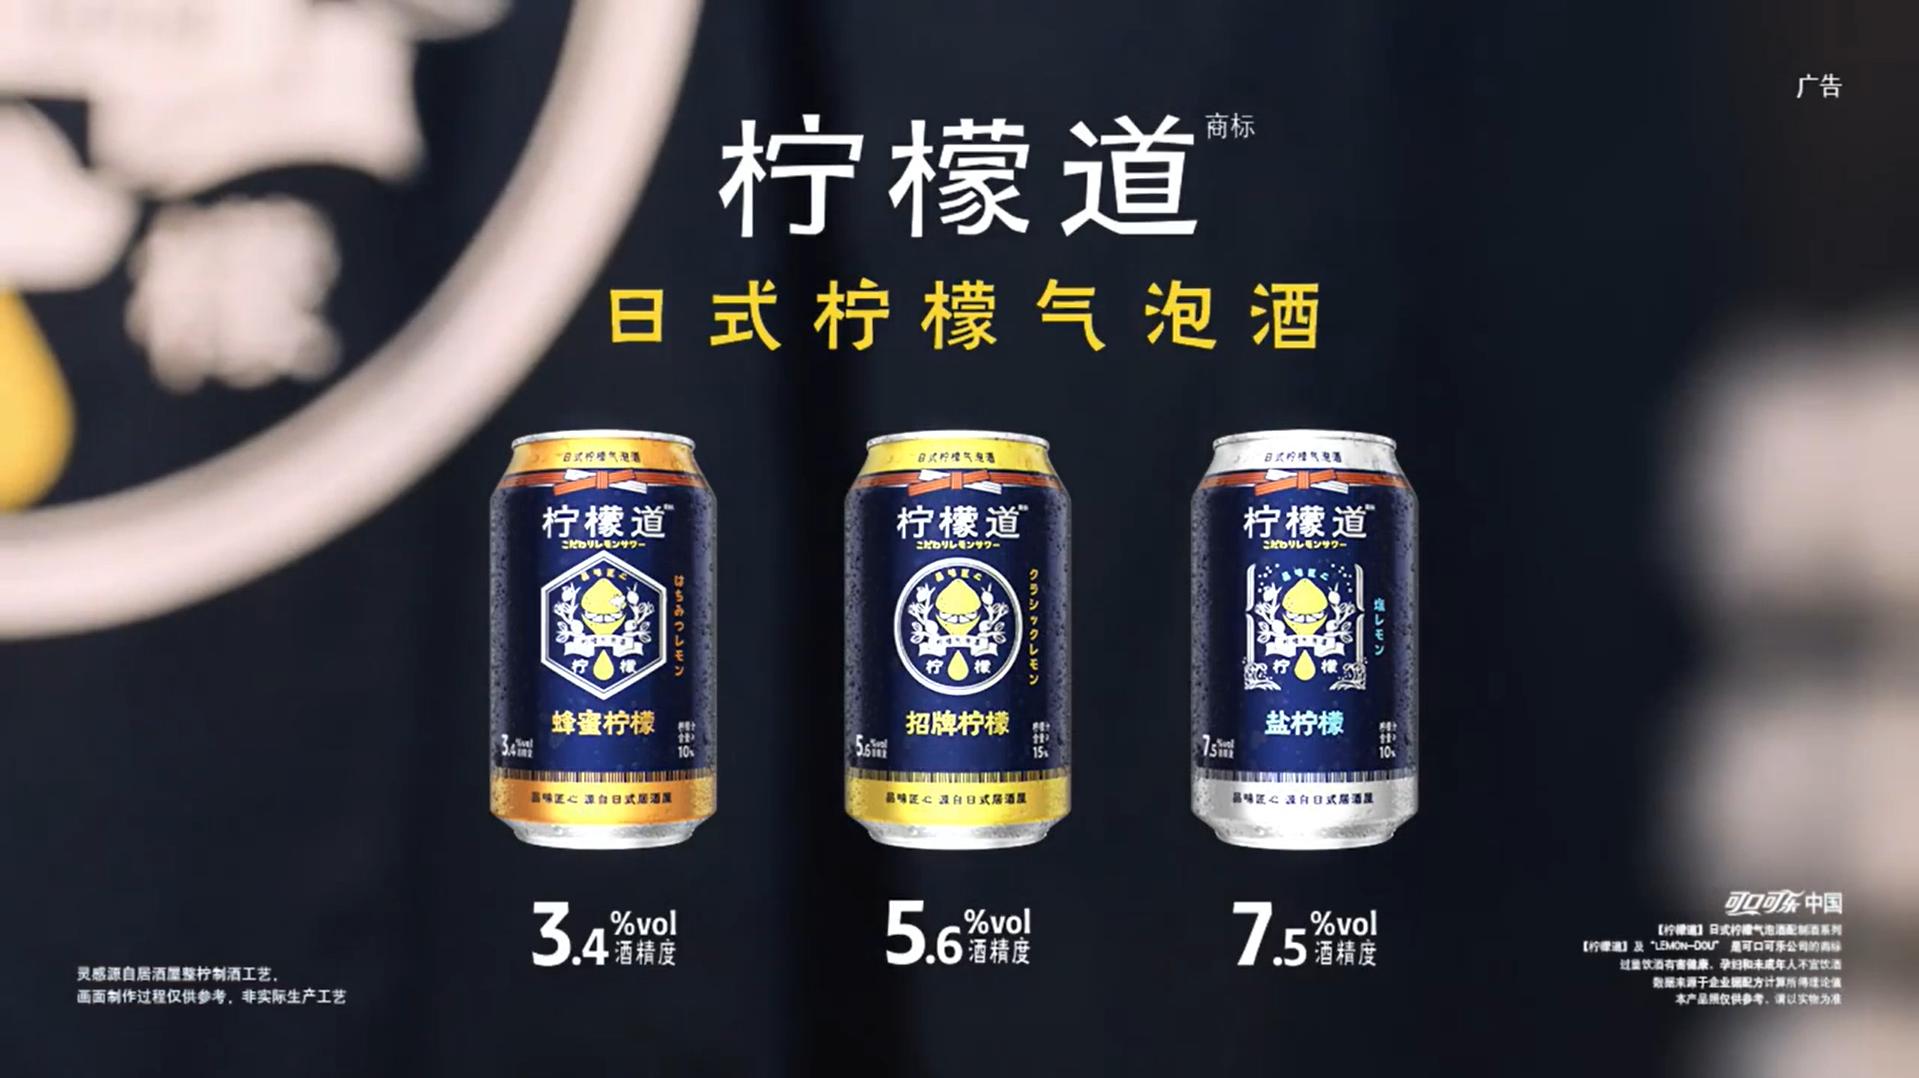 可口可乐中国卖酒了,【柠檬道】日式柠檬气泡酒匠心上市!